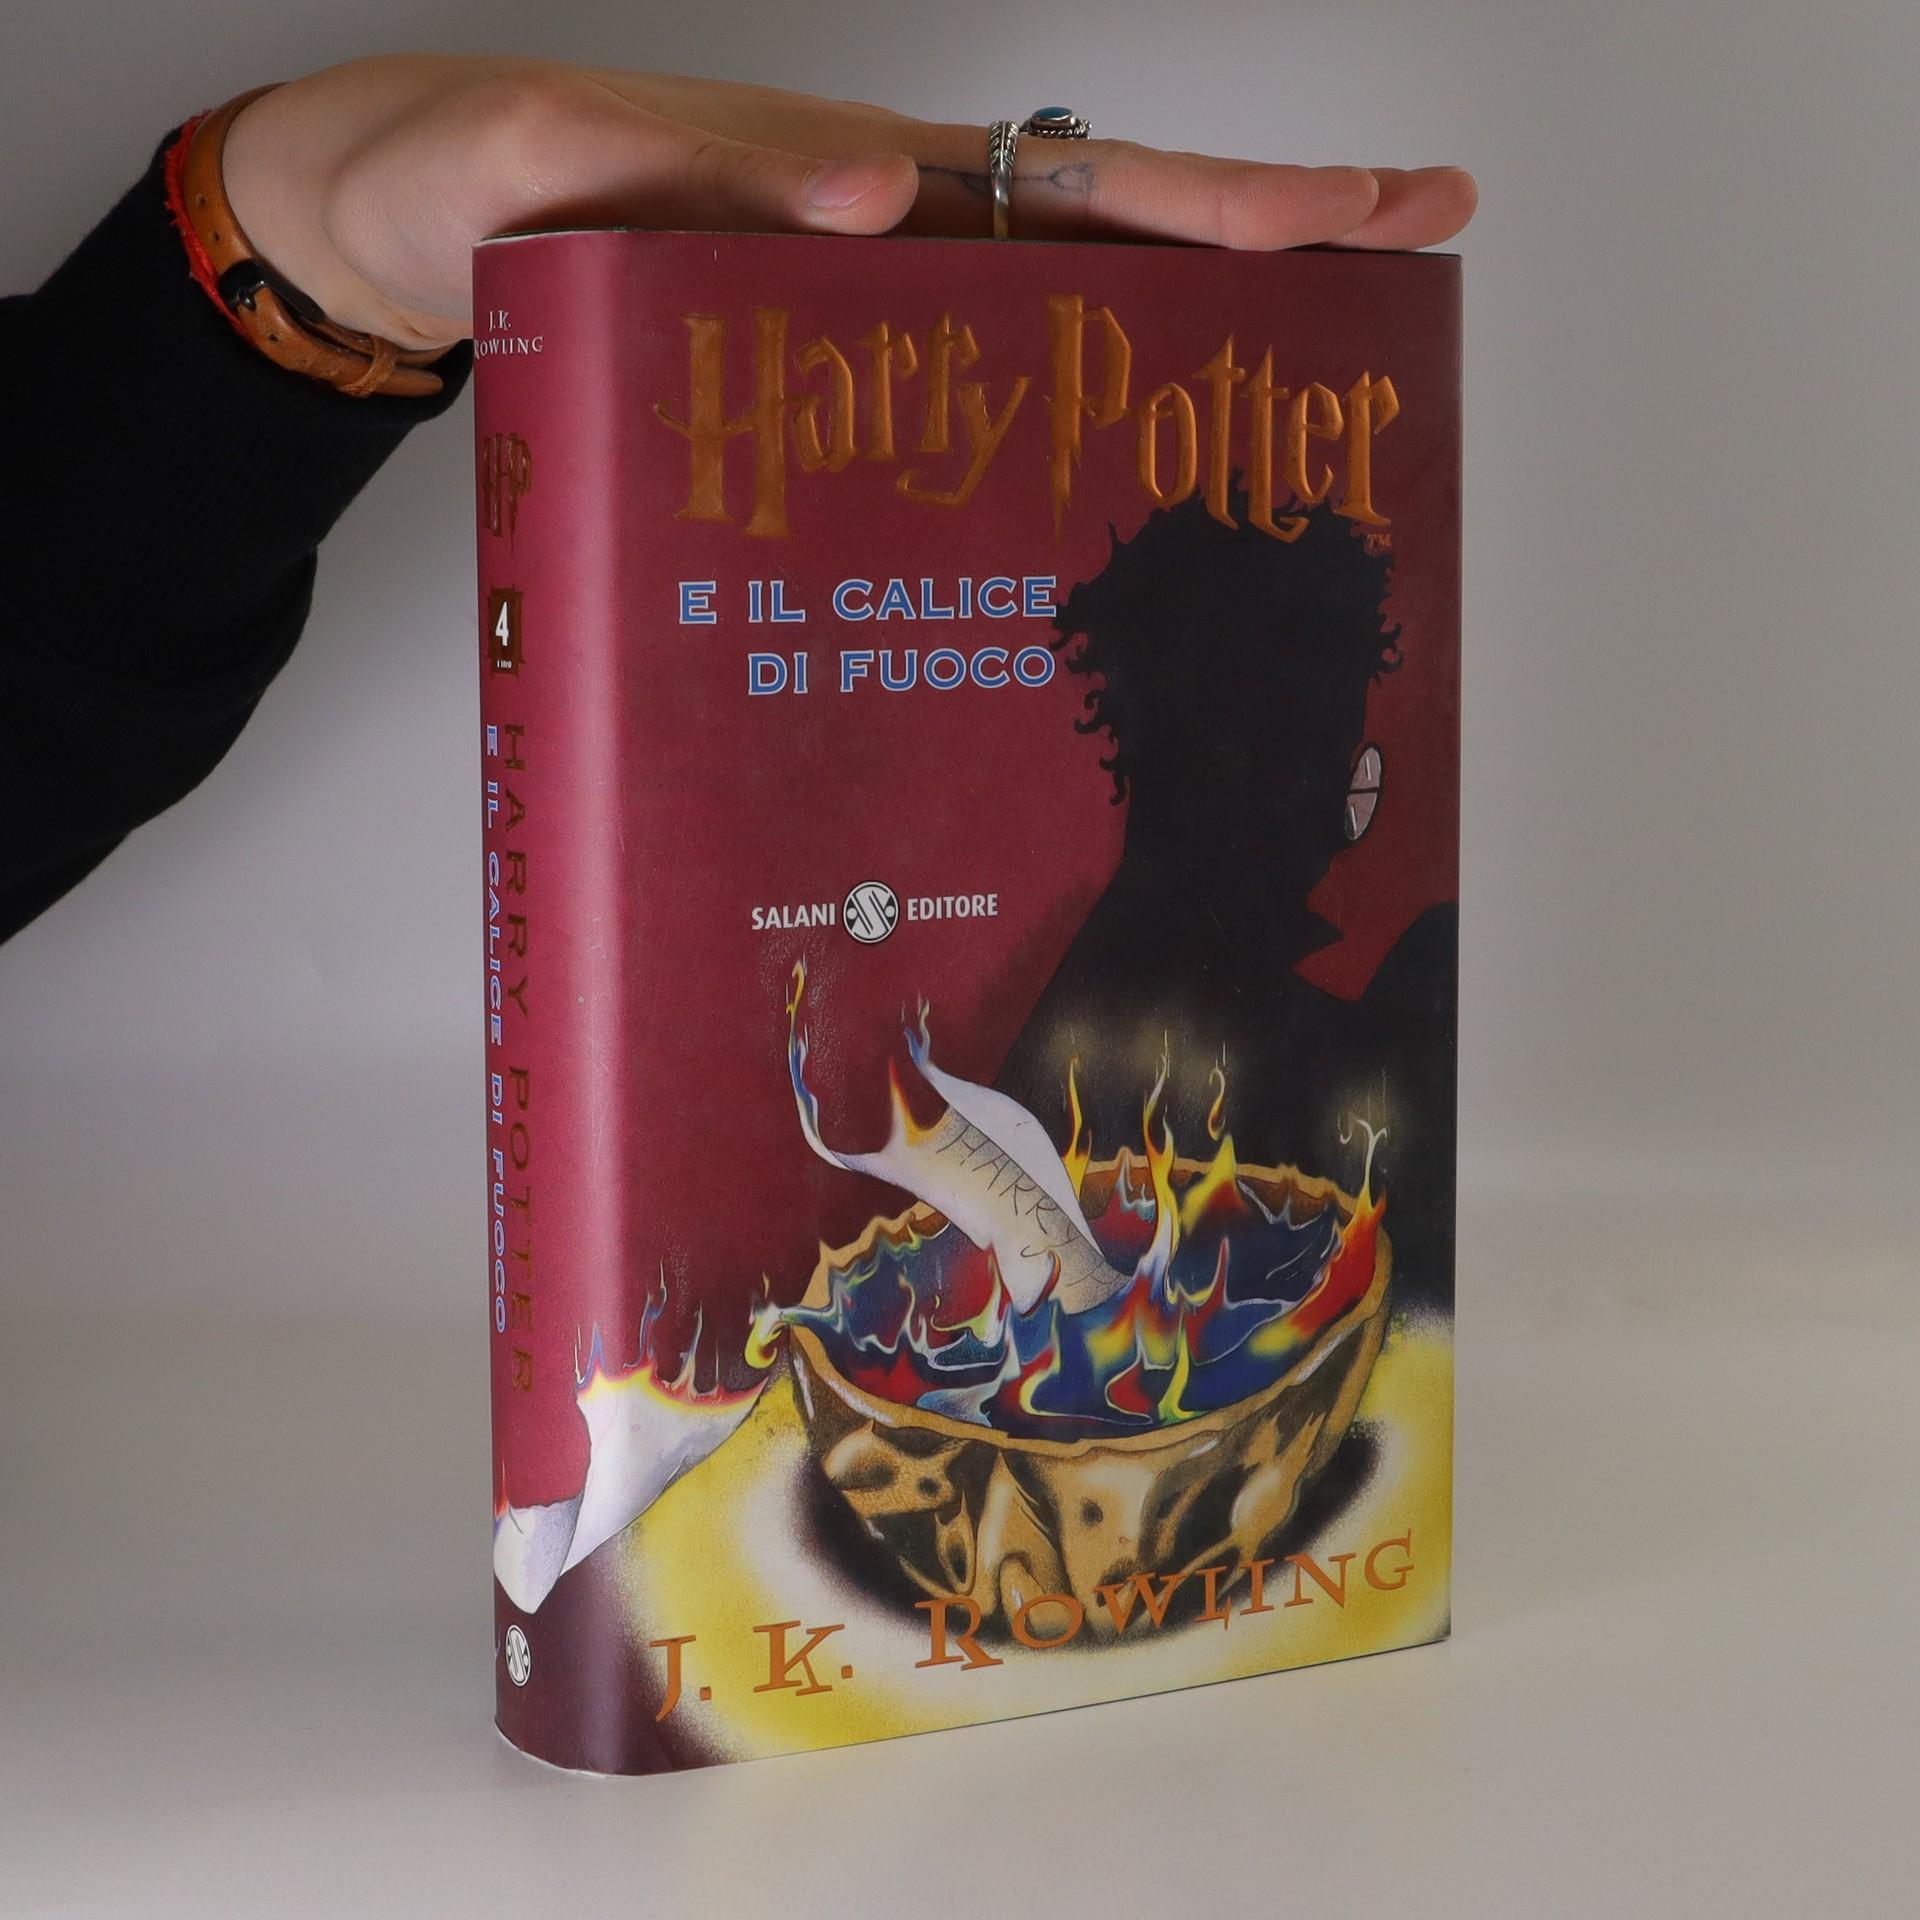 antikvární kniha Harry Potter e il calice di fuoco, 2002